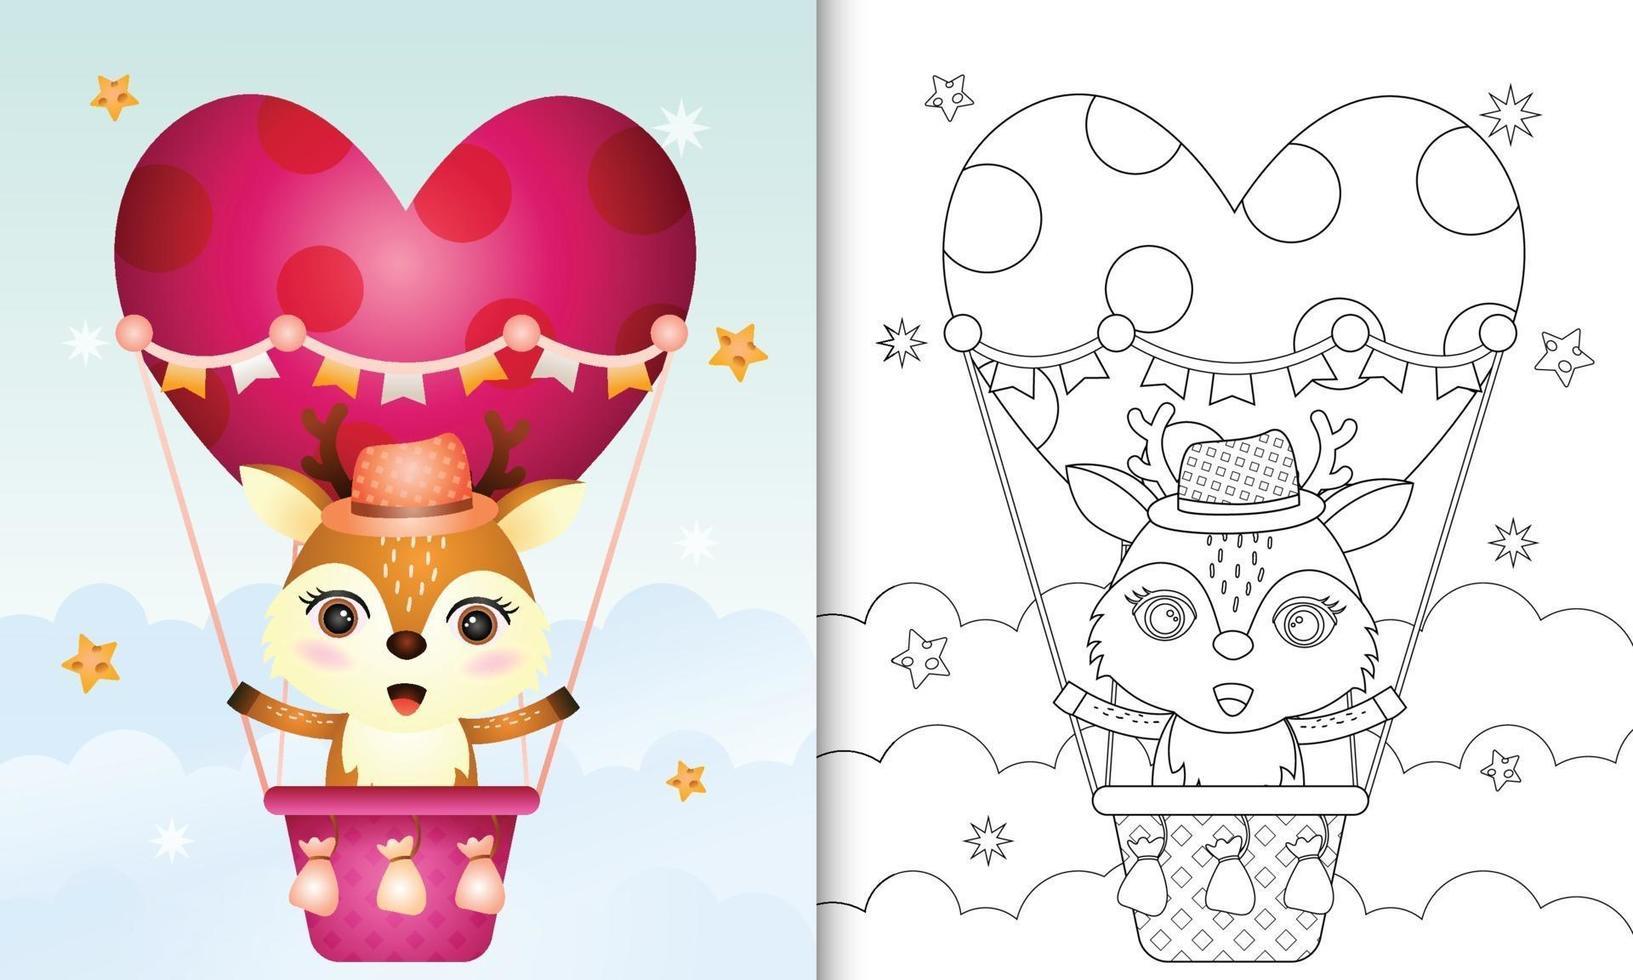 Malbuch für Kinder mit einem niedlichen Hirsch am Heißluftballon lieben themenorientierten Valentinstag vektor